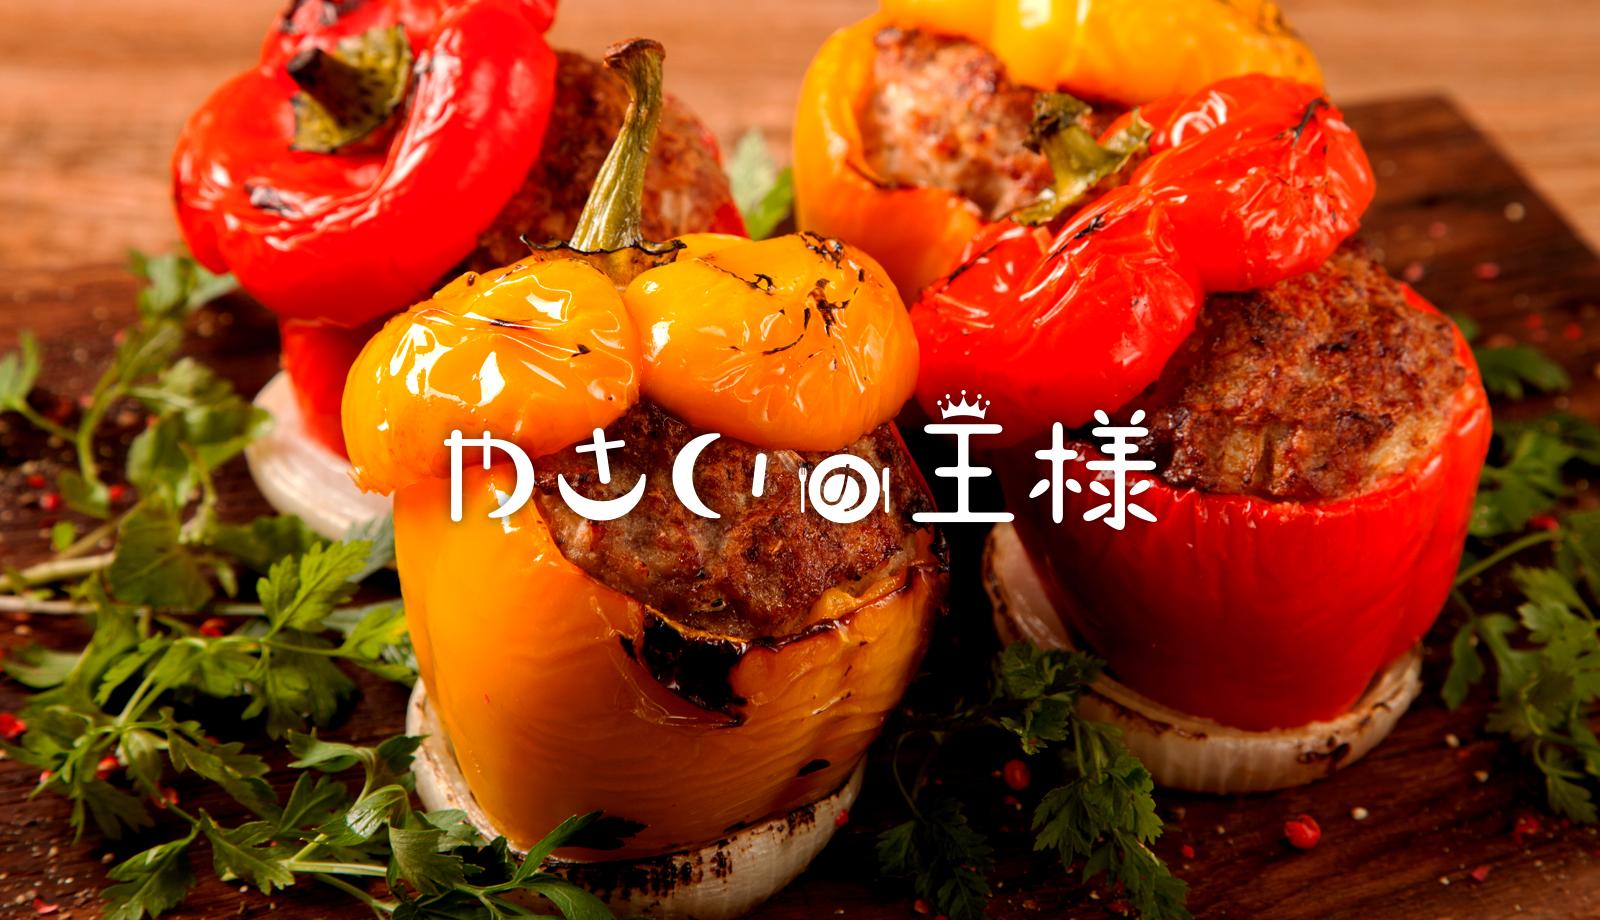 お料理は可愛らしさや華やかさ、見た目からも楽しめるようなお野菜メニュー